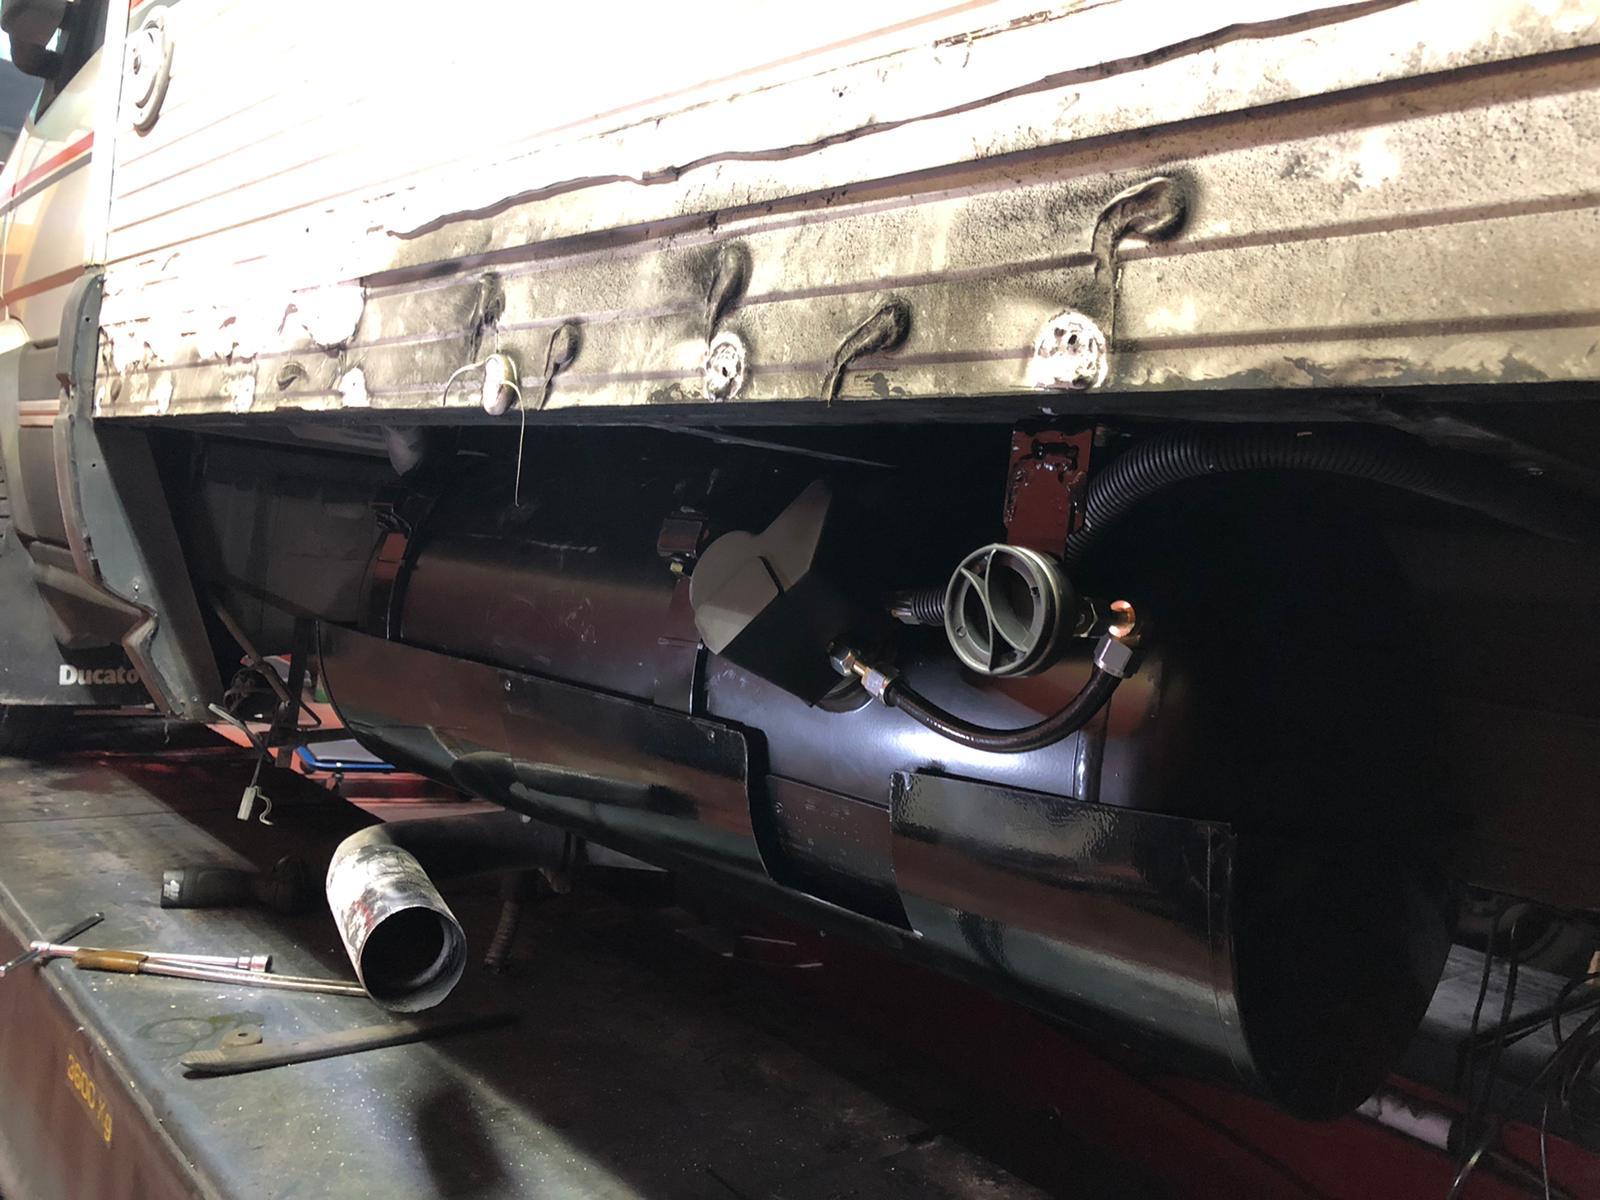 installazione-impianto-gpl-motore-diesel-camper6